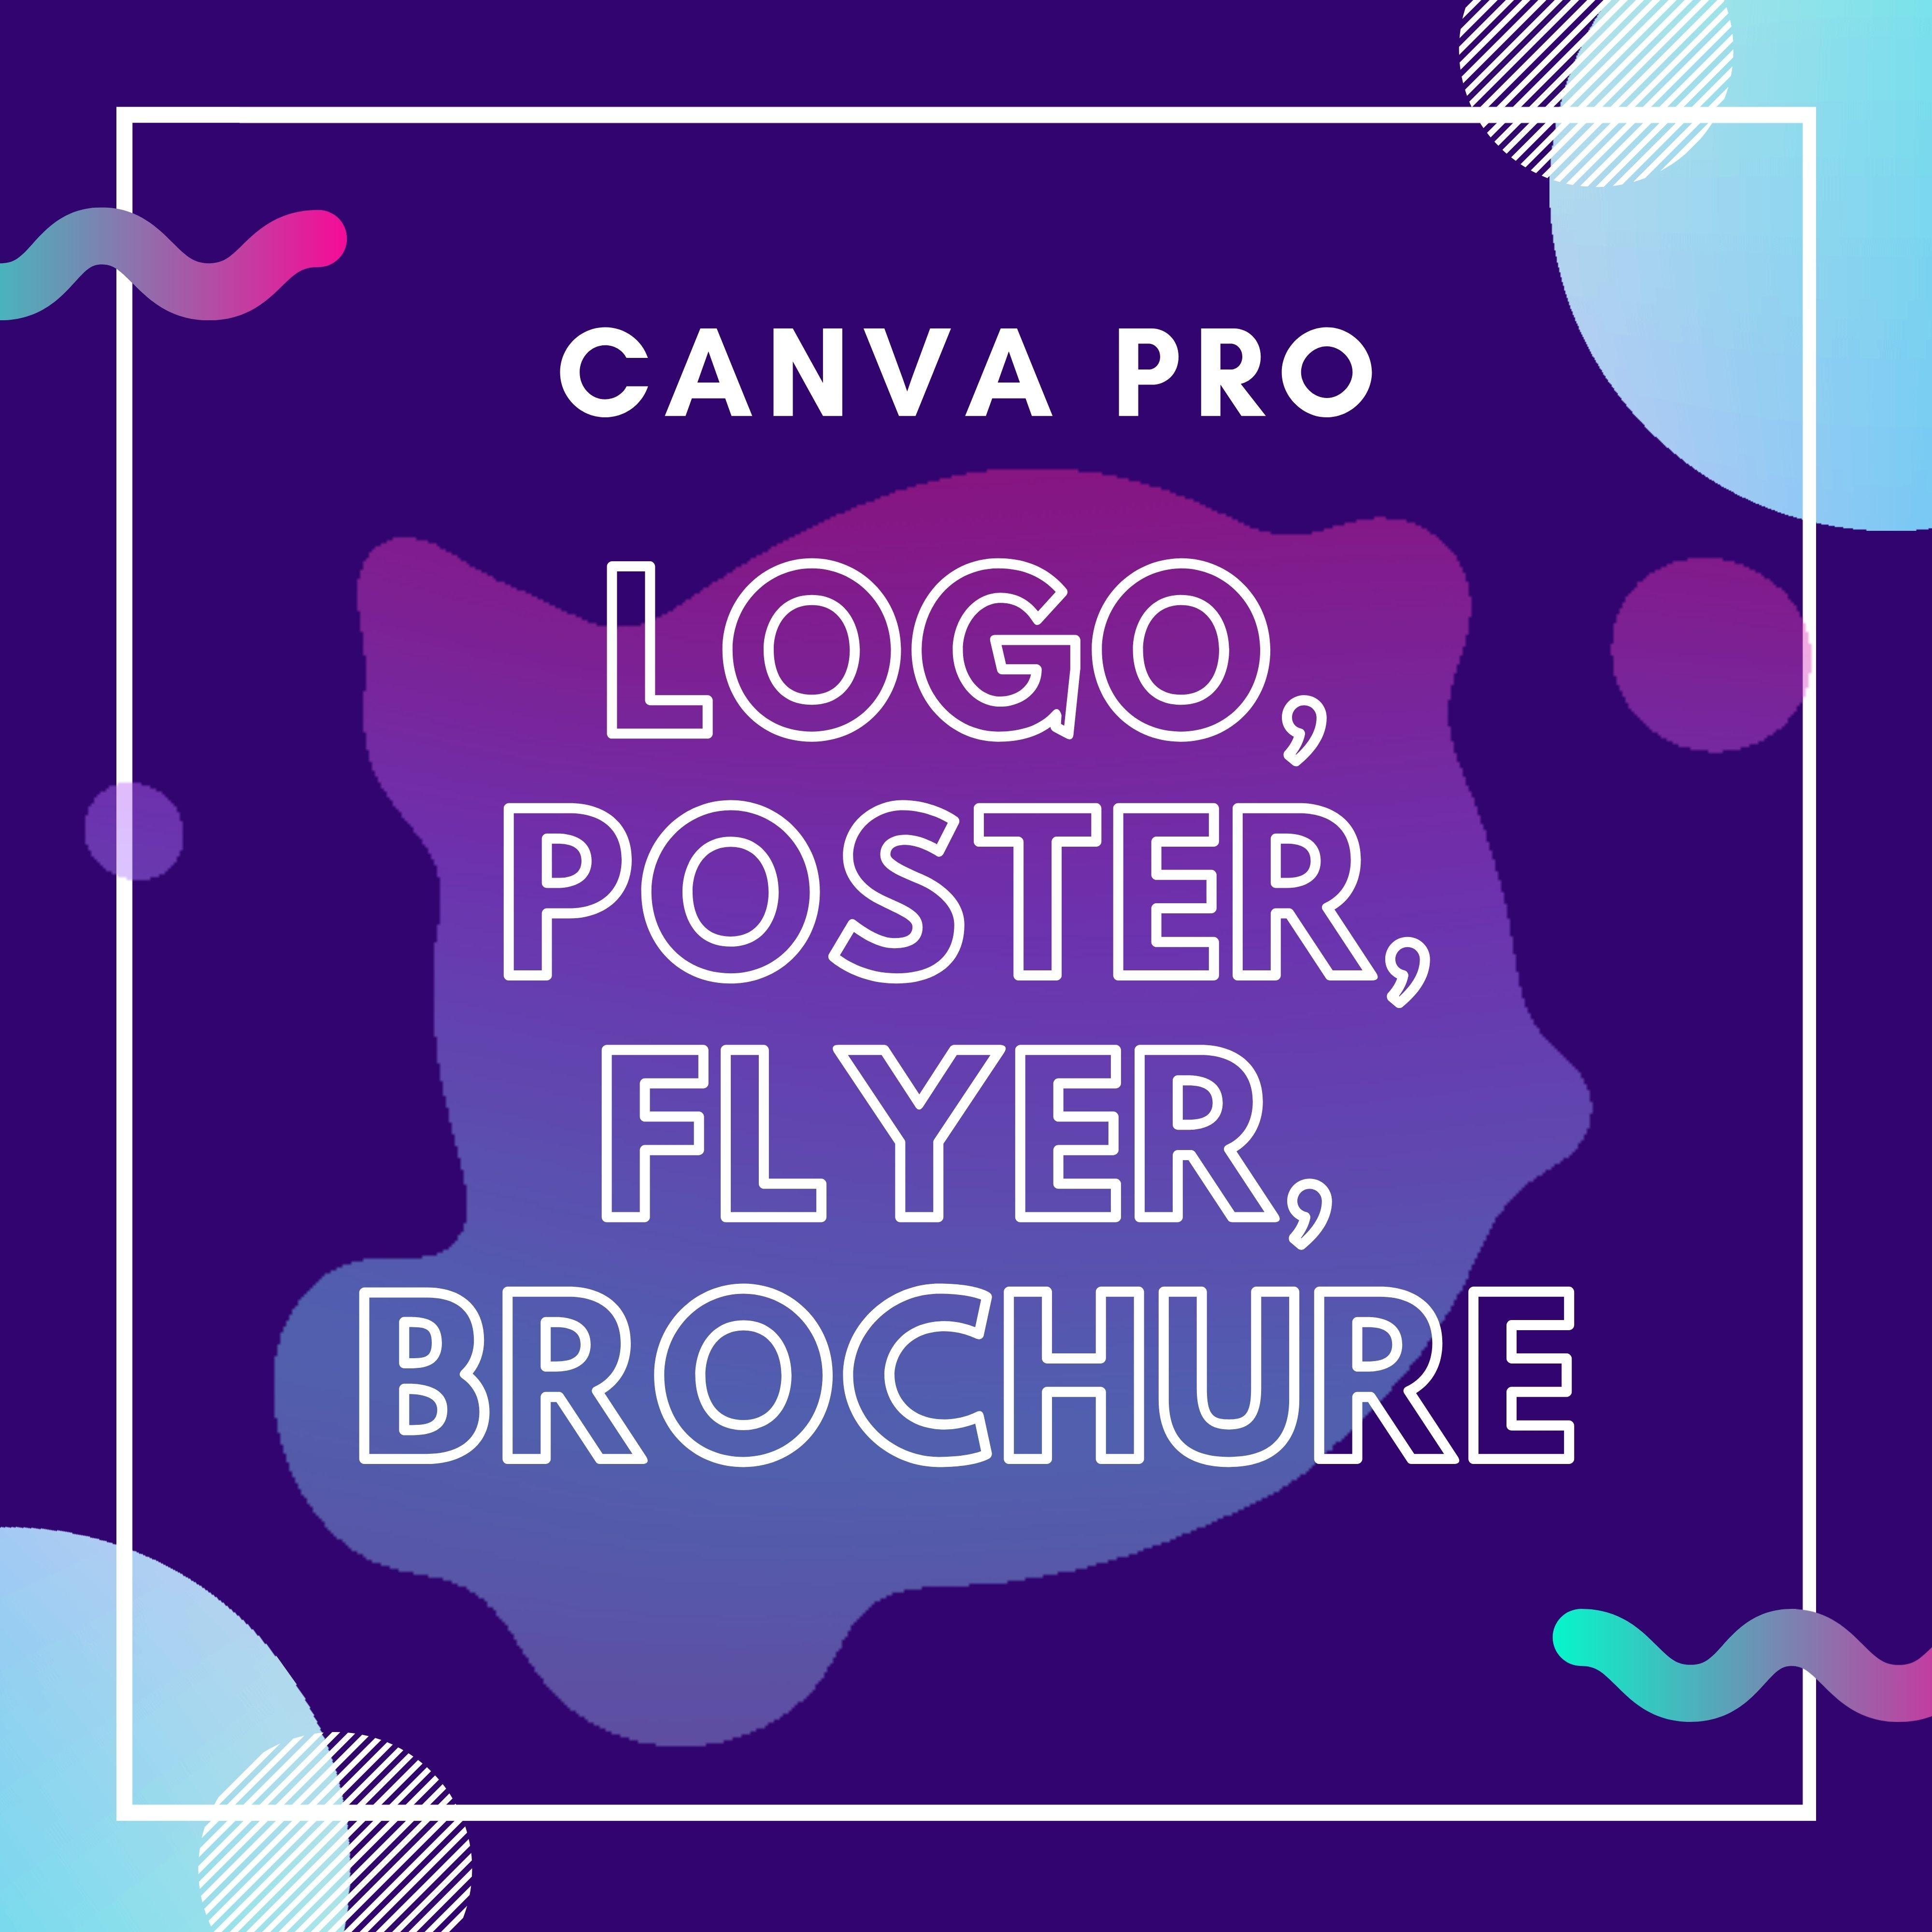 I will create Canva logo,  flyer,  brochure,  social media post